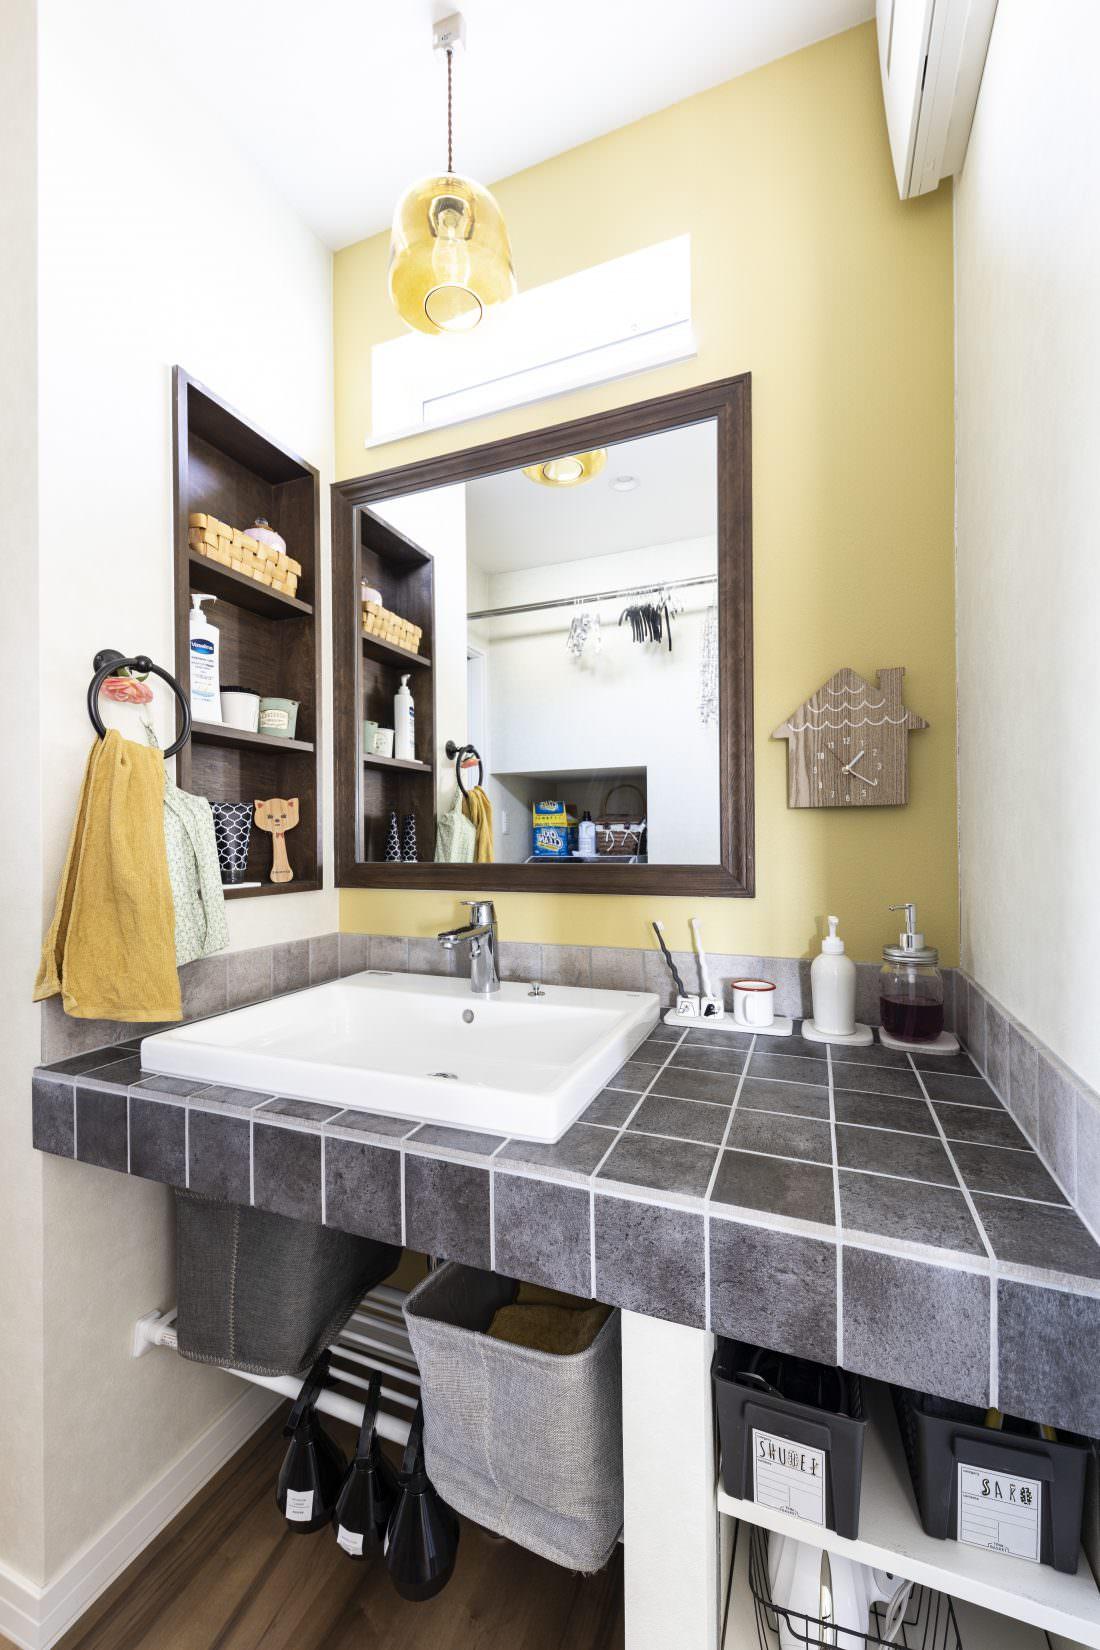 新築注文住宅インターデコハウスの洗面所施工事例写真